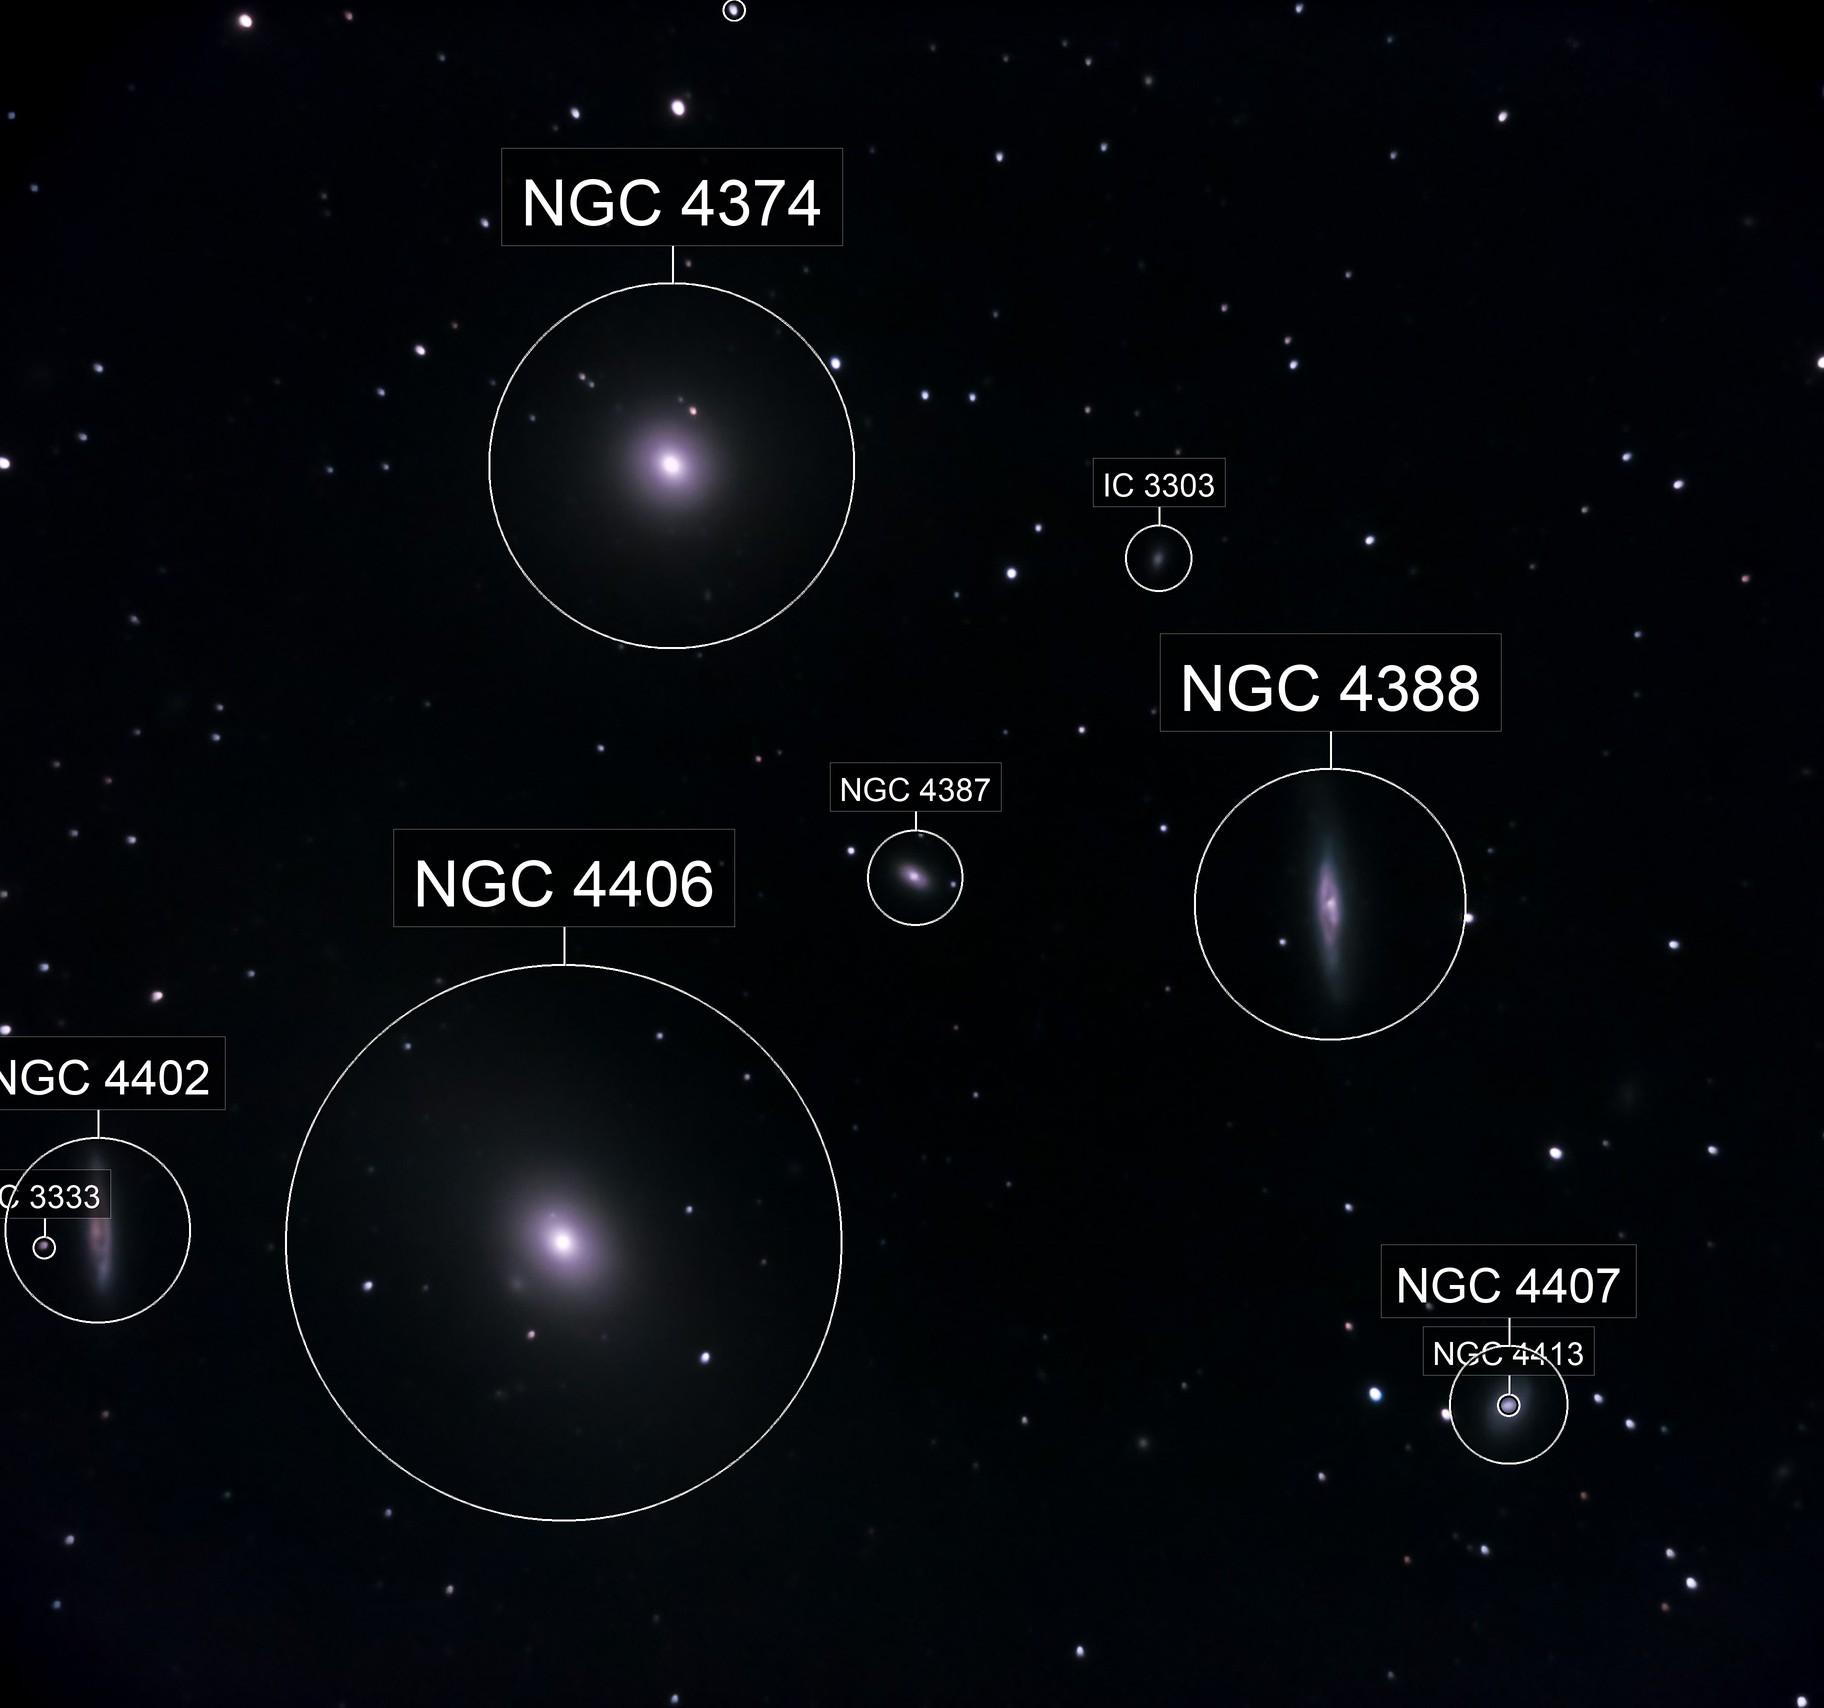 NGC 4387